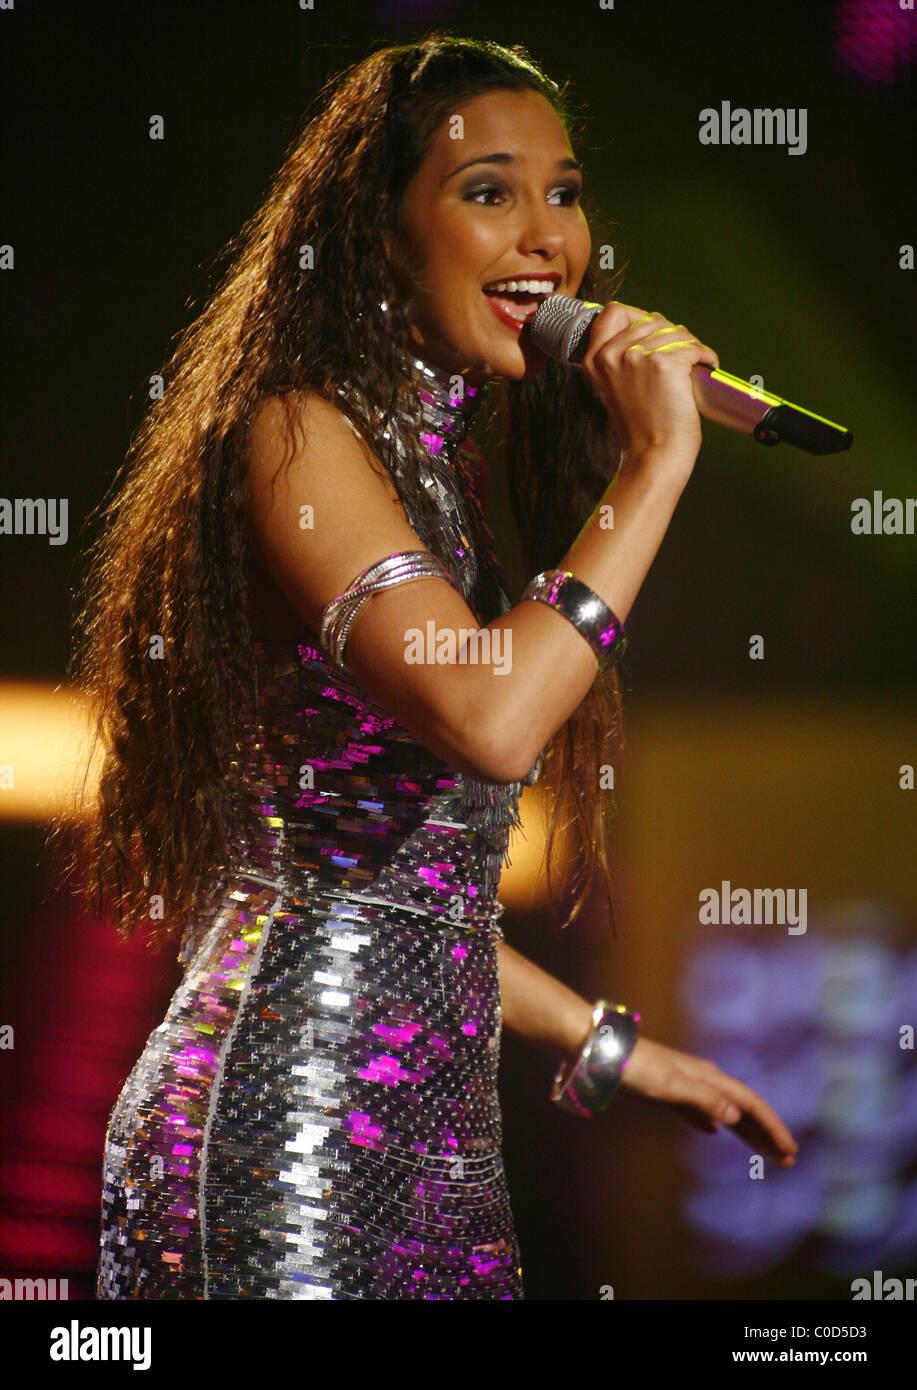 Rania Zeriri at the dress rehearsal for German 'Pop Idol' TV show 'Deutschland sucht den Superstar' - Stock Image